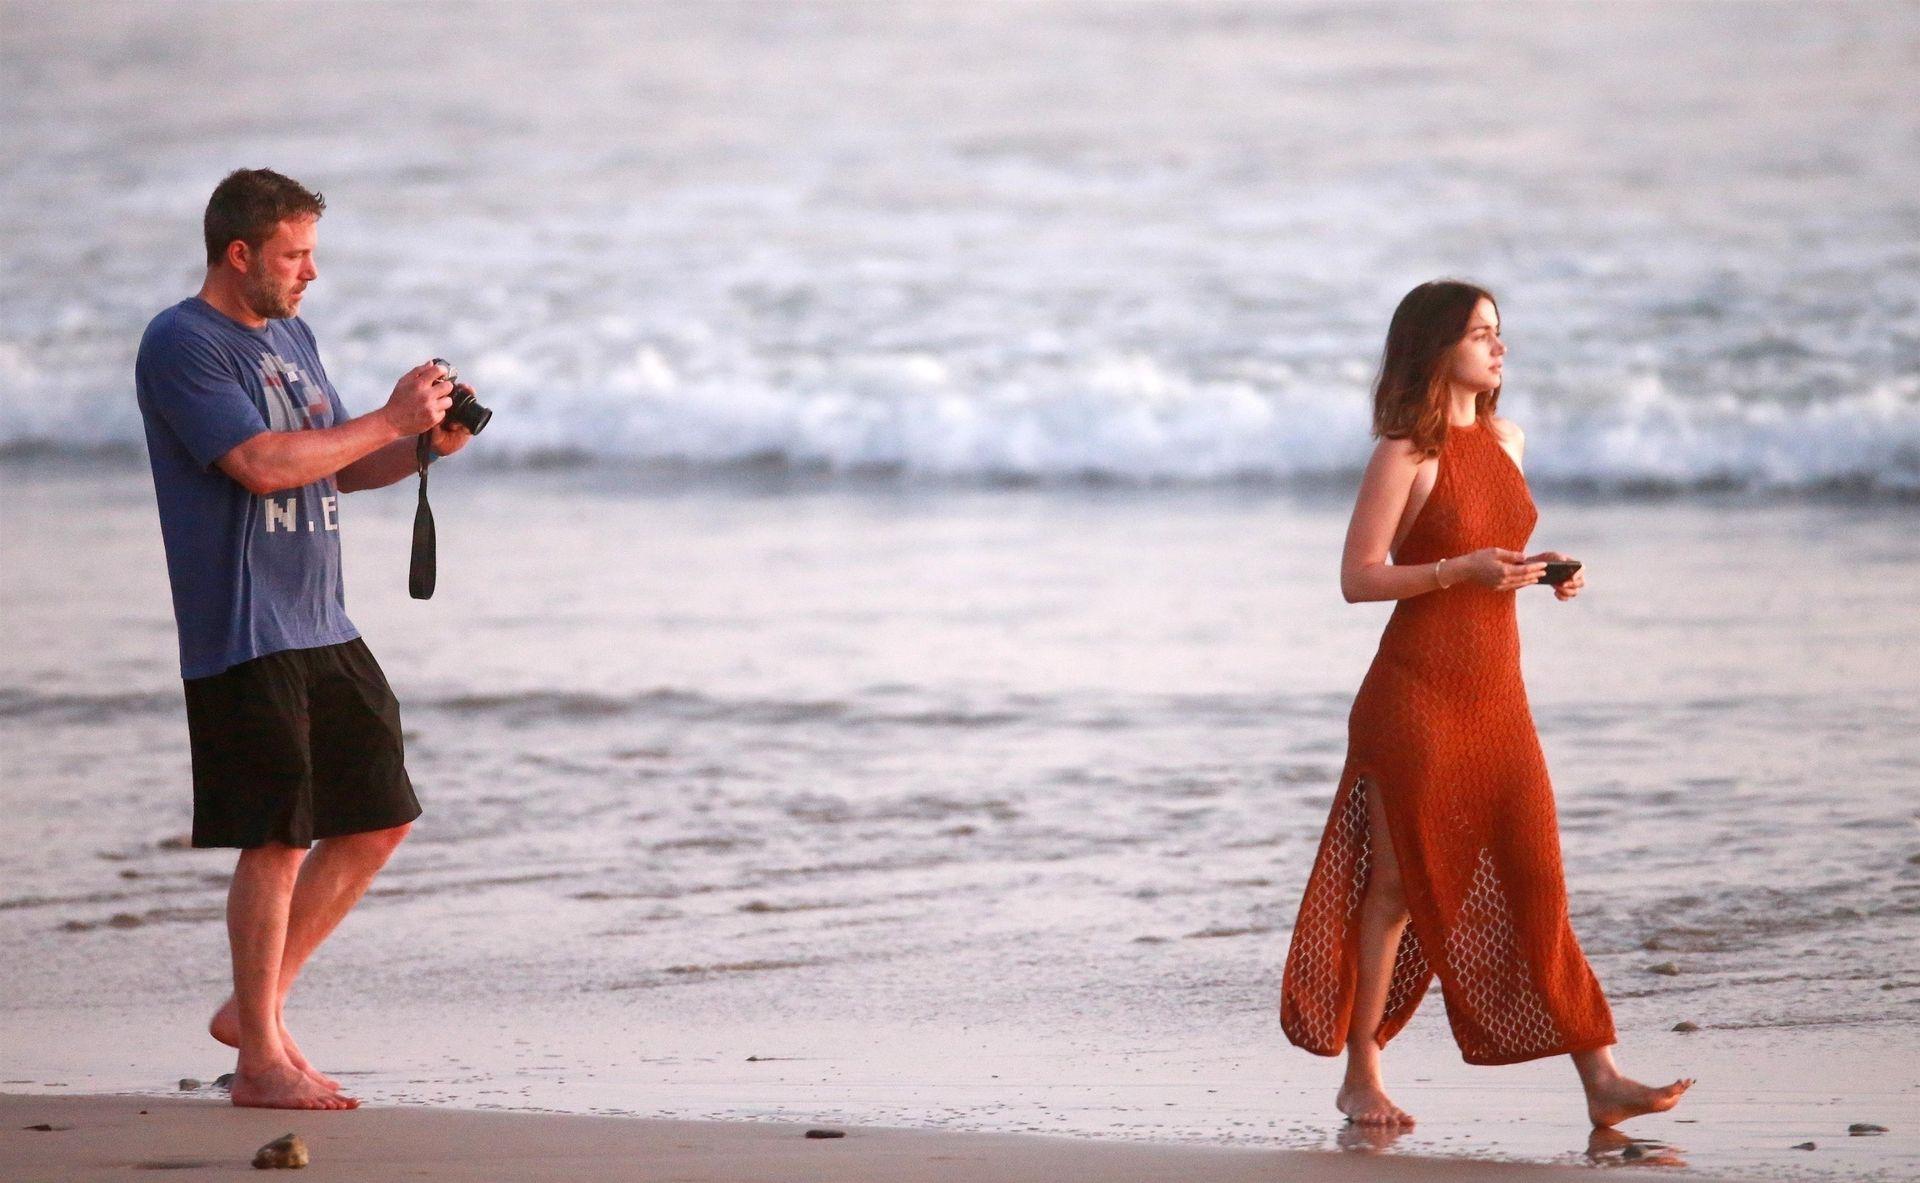 Ben Affleck & Ana De Armas Enjoy A Pda Moment During Romantic Beach Stroll In Costa Rica 0040